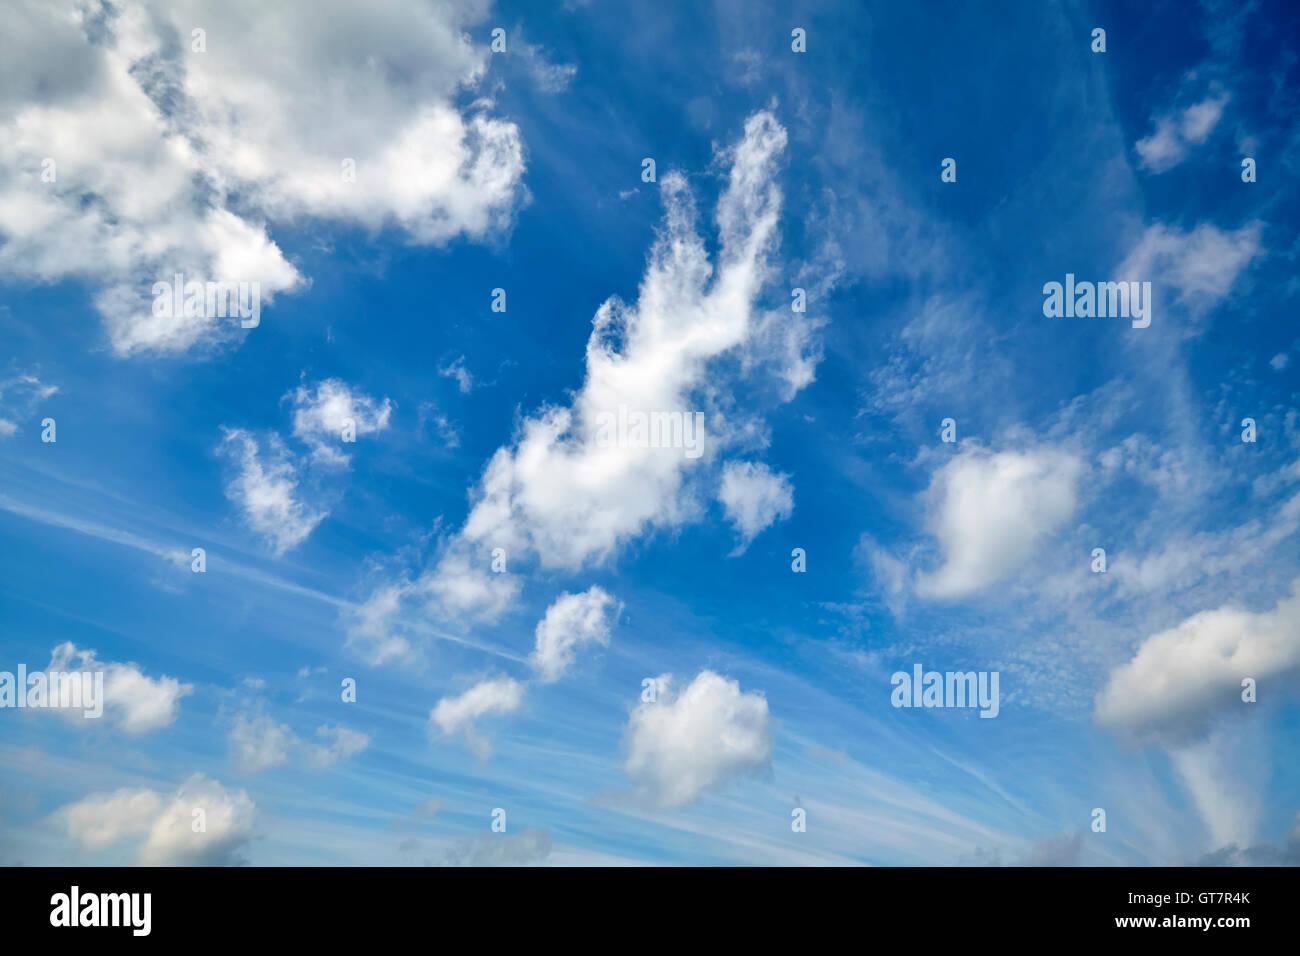 Beautiful cloudscape on a blue sky. - Stock Image